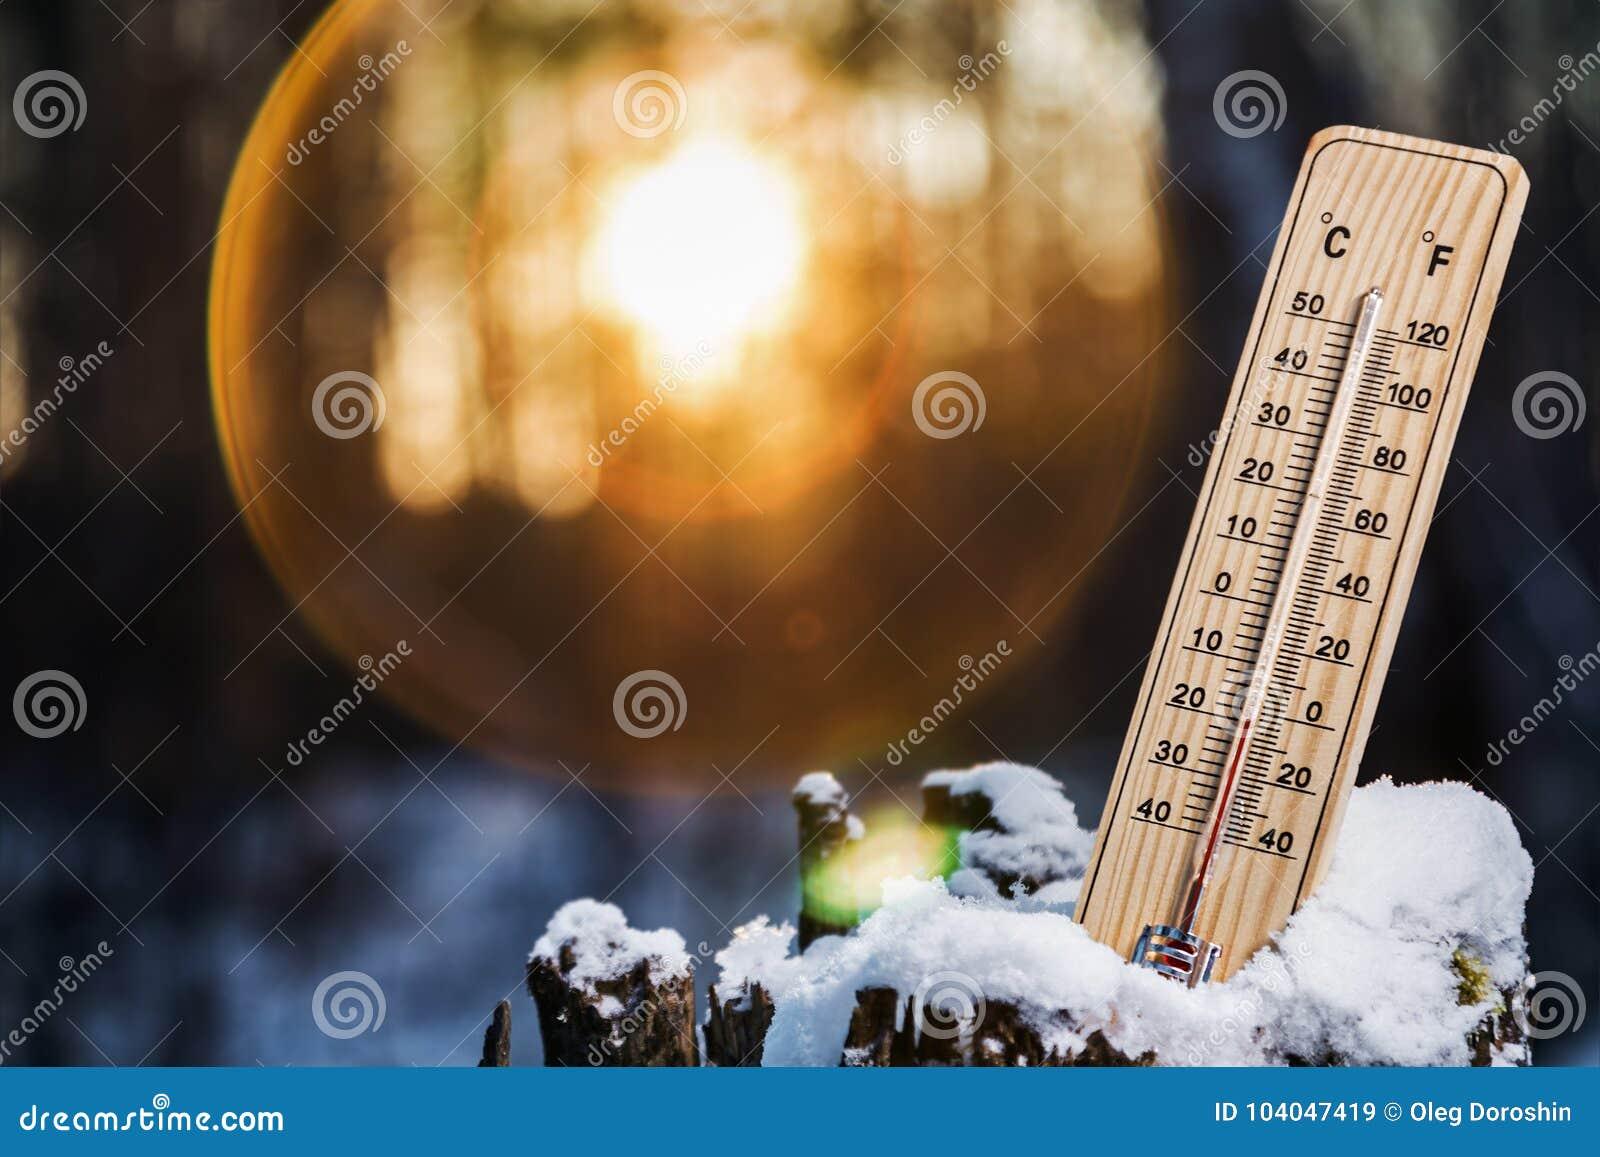 Termômetro com temperaturas abaixo de zero